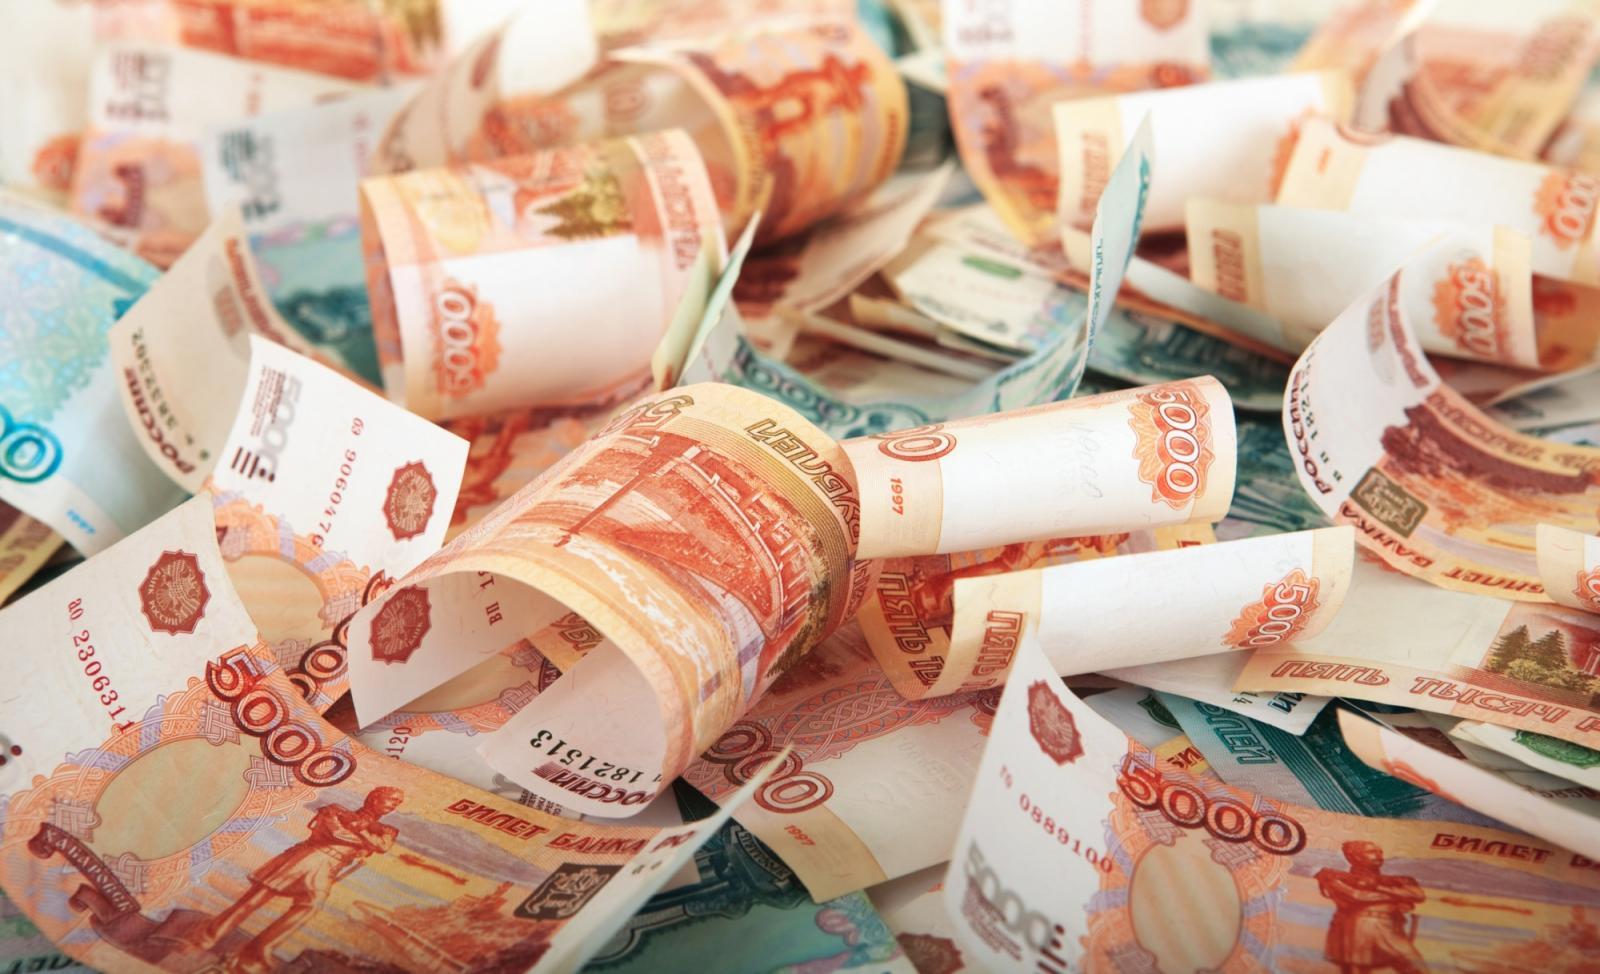 В Клинцах совладелица туристического агентства украла у клиентов 500 тыс рублей